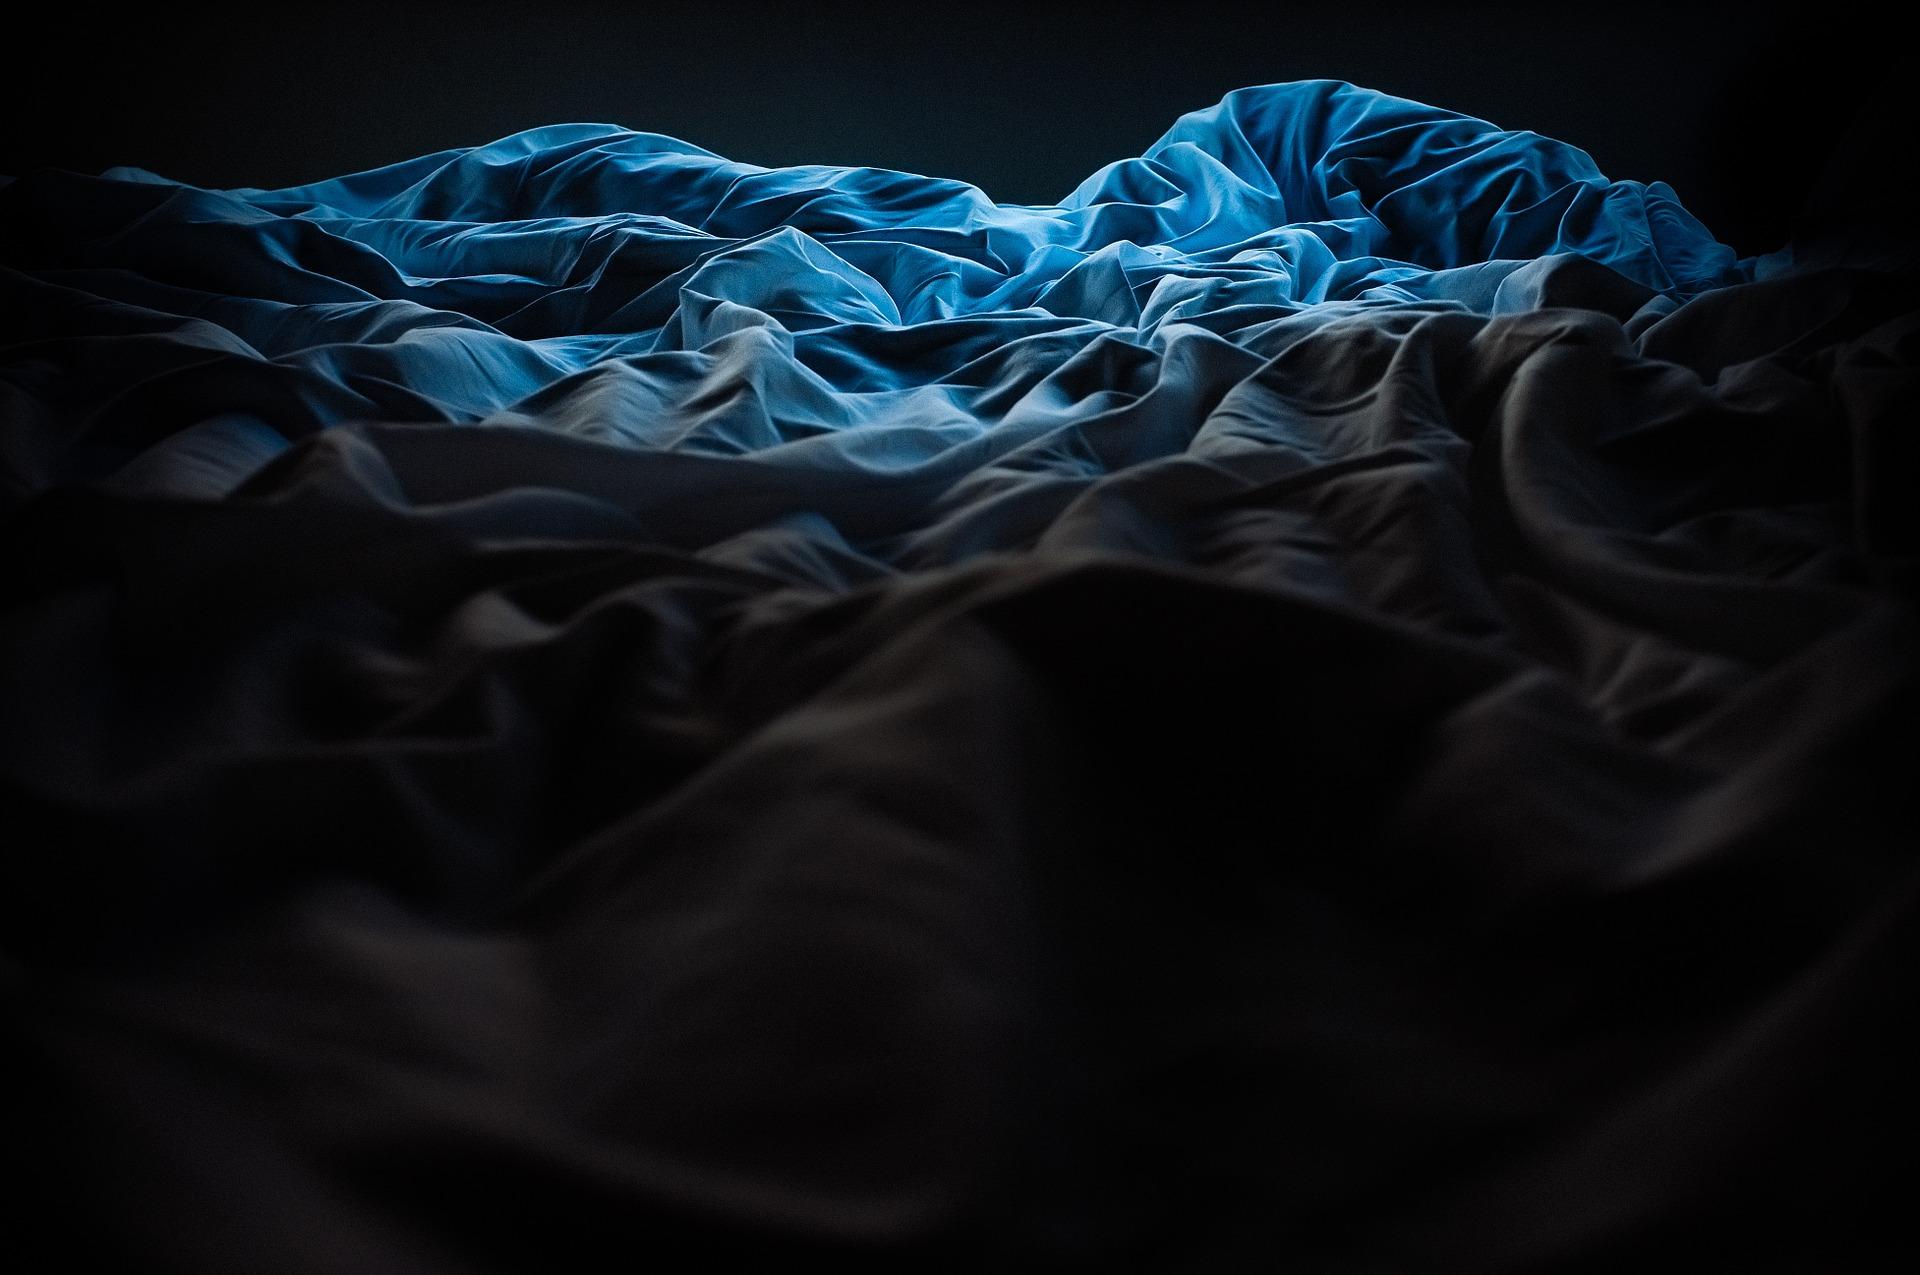 sleep-839358_1920.jpg